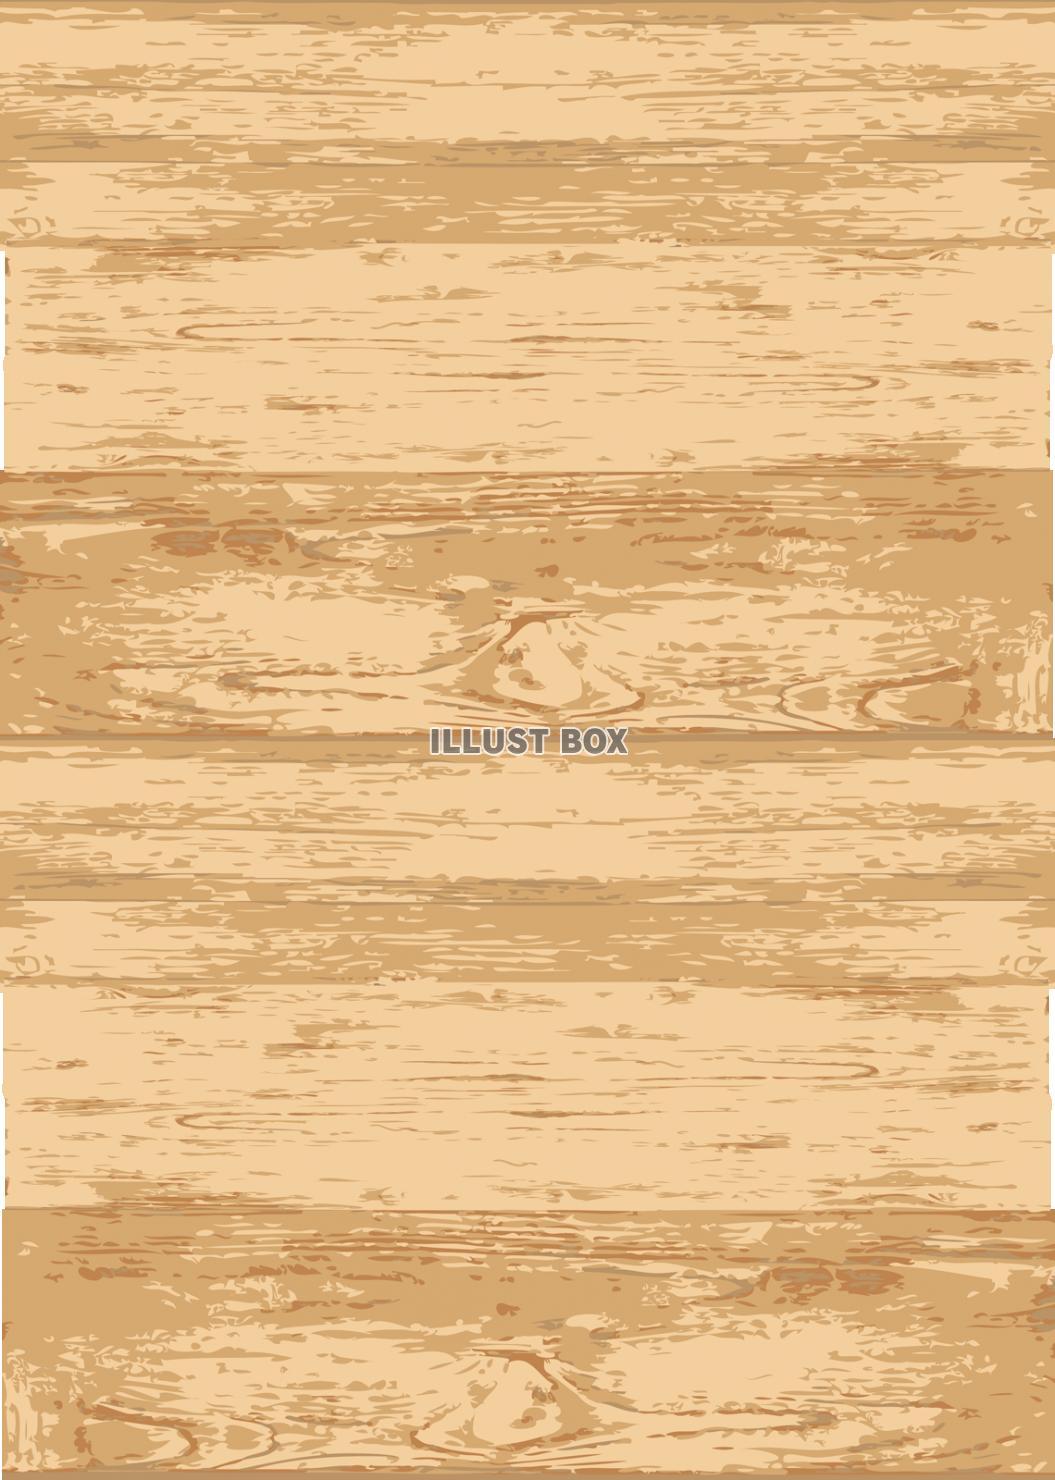 無料イラスト 看板おしゃれフレーム枠背景壁紙木シンプル木目板